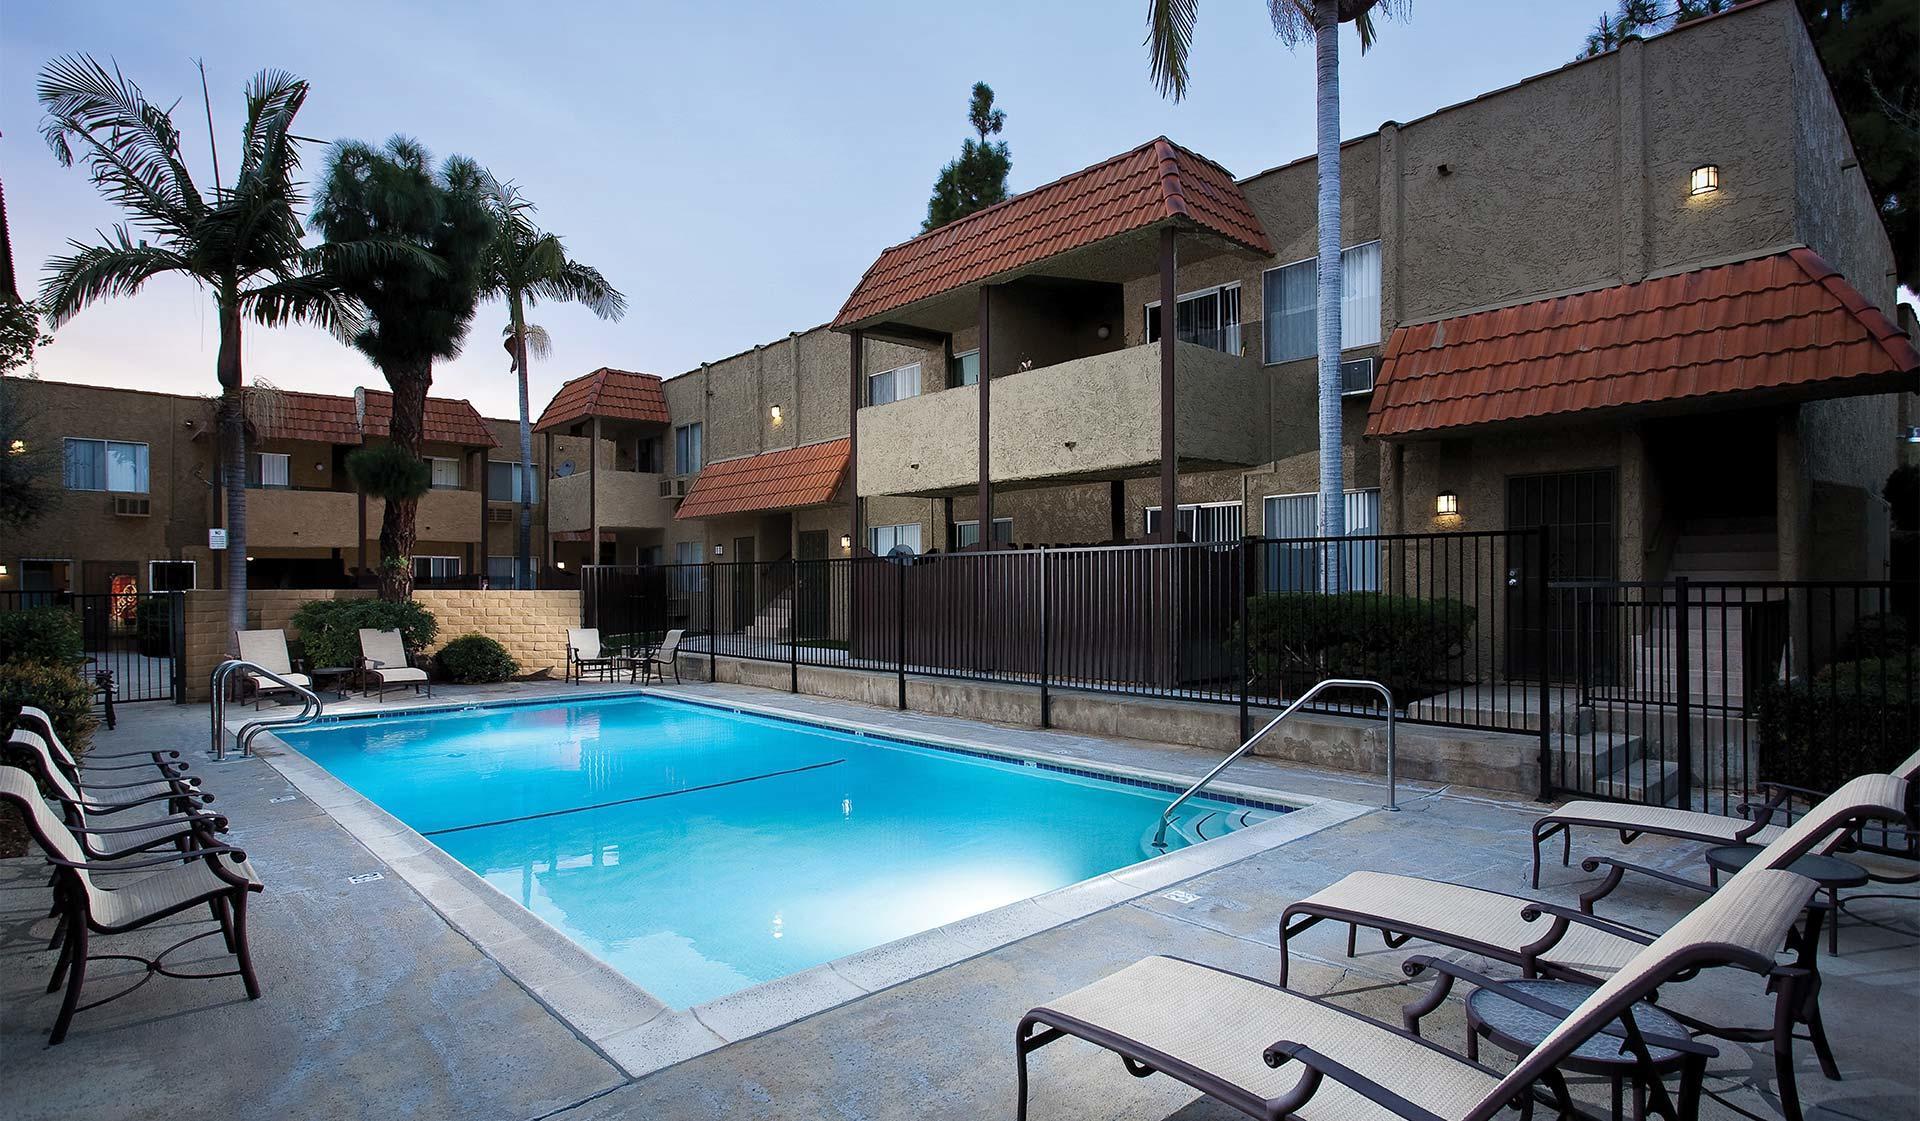 Villa Pointe Apartments Orange Ca